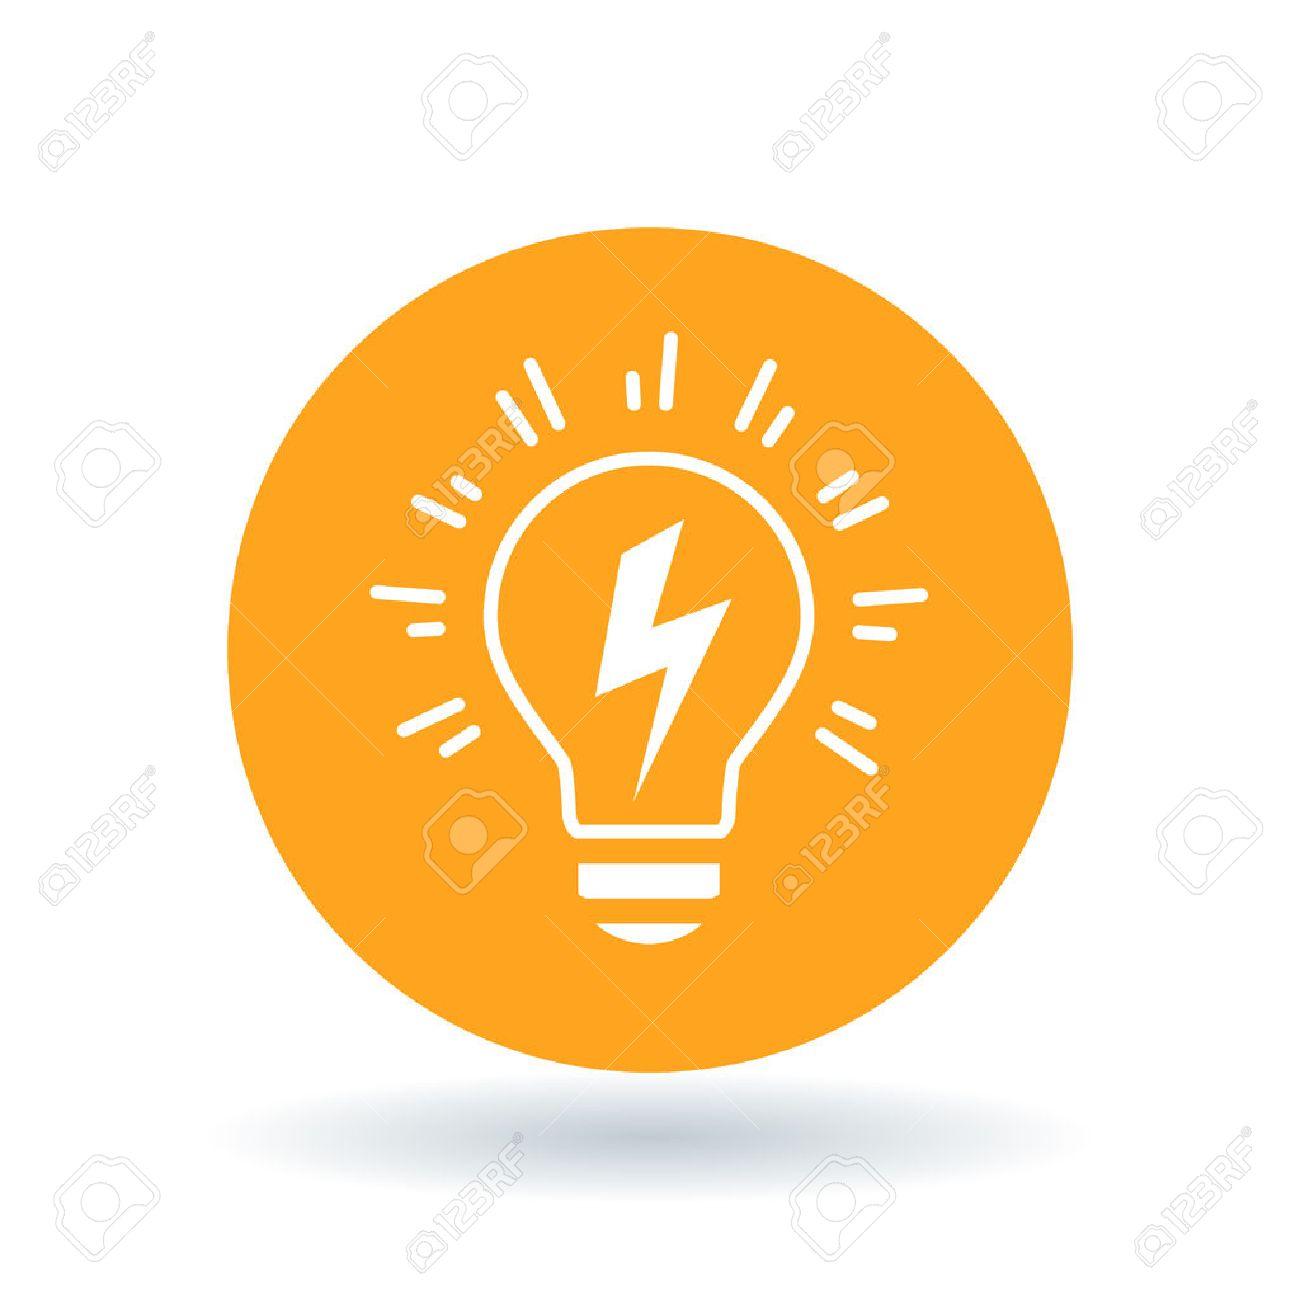 Konzeptionelle Glühbirne Idee Symbol. Glühbirne Flash-Zeichen ...